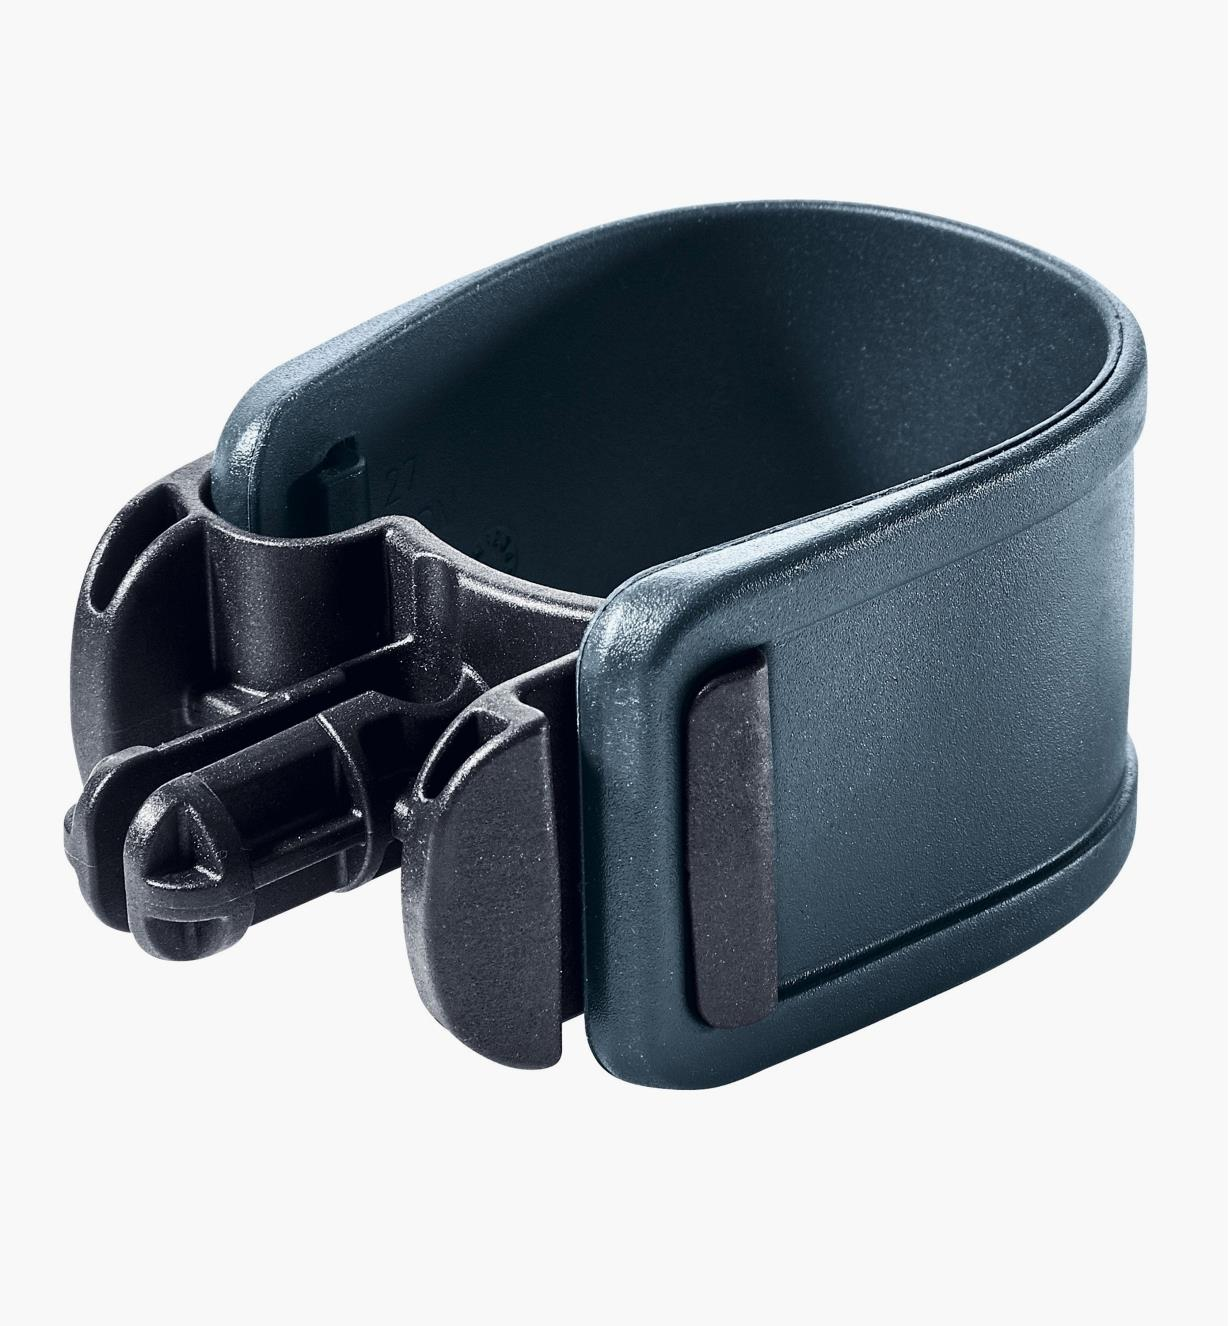 Hose Clip for Festool Planex LHS 2 225